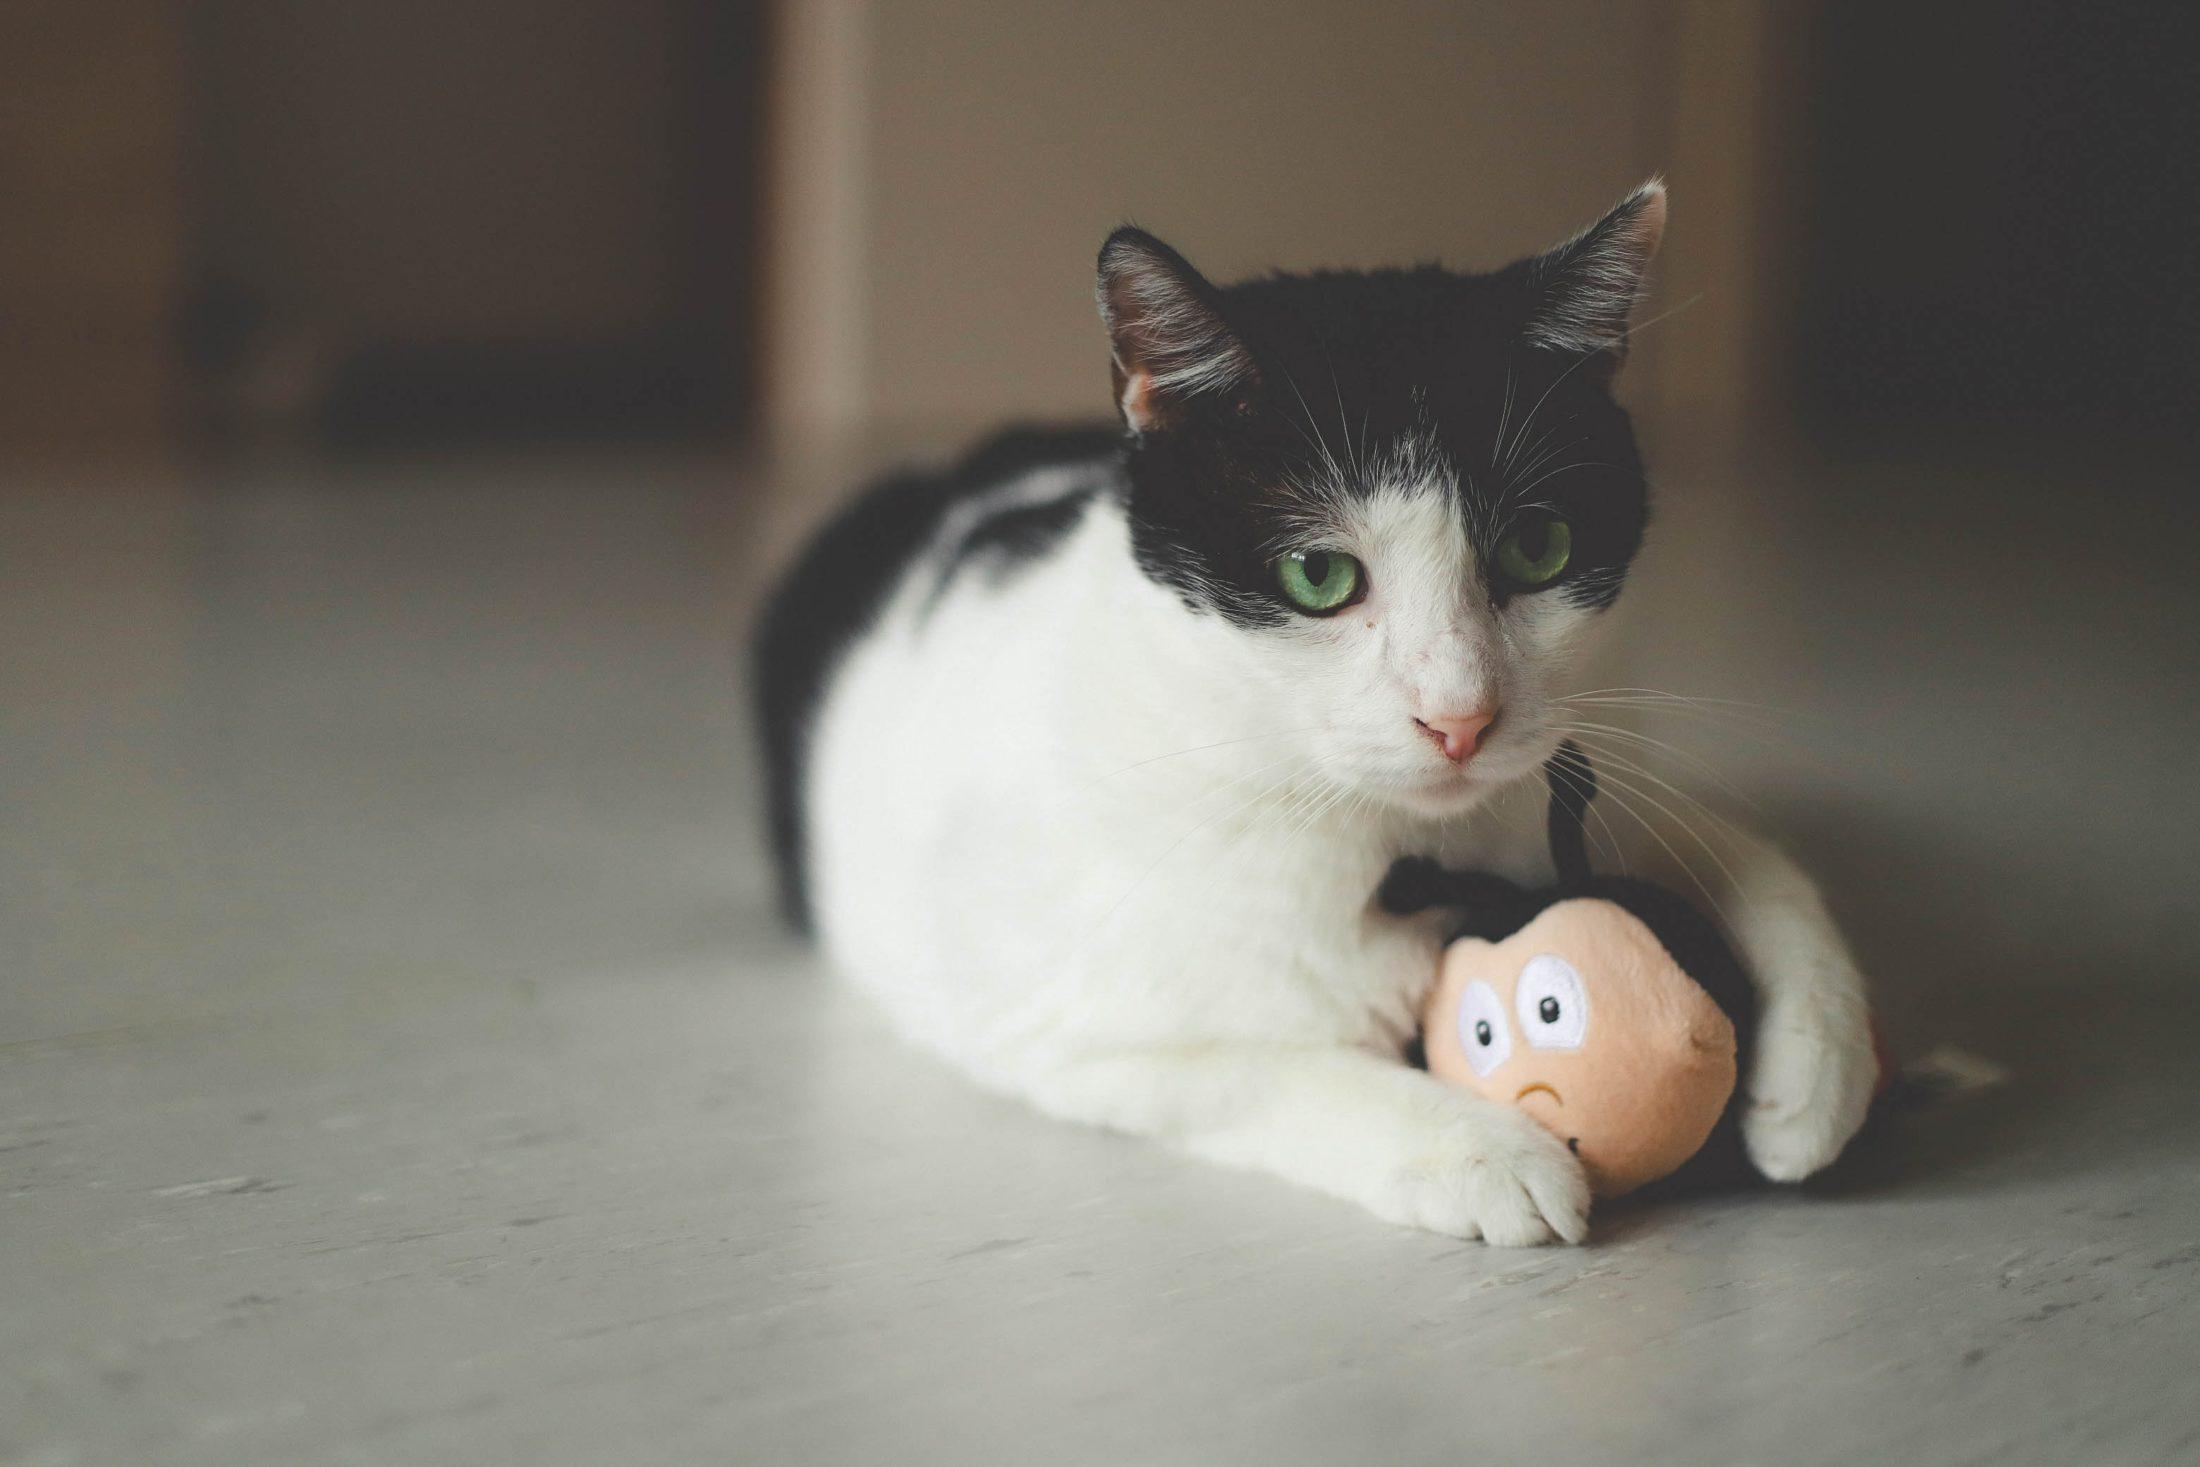 gato branco e preto bricando com brinquedo para gato de borracha